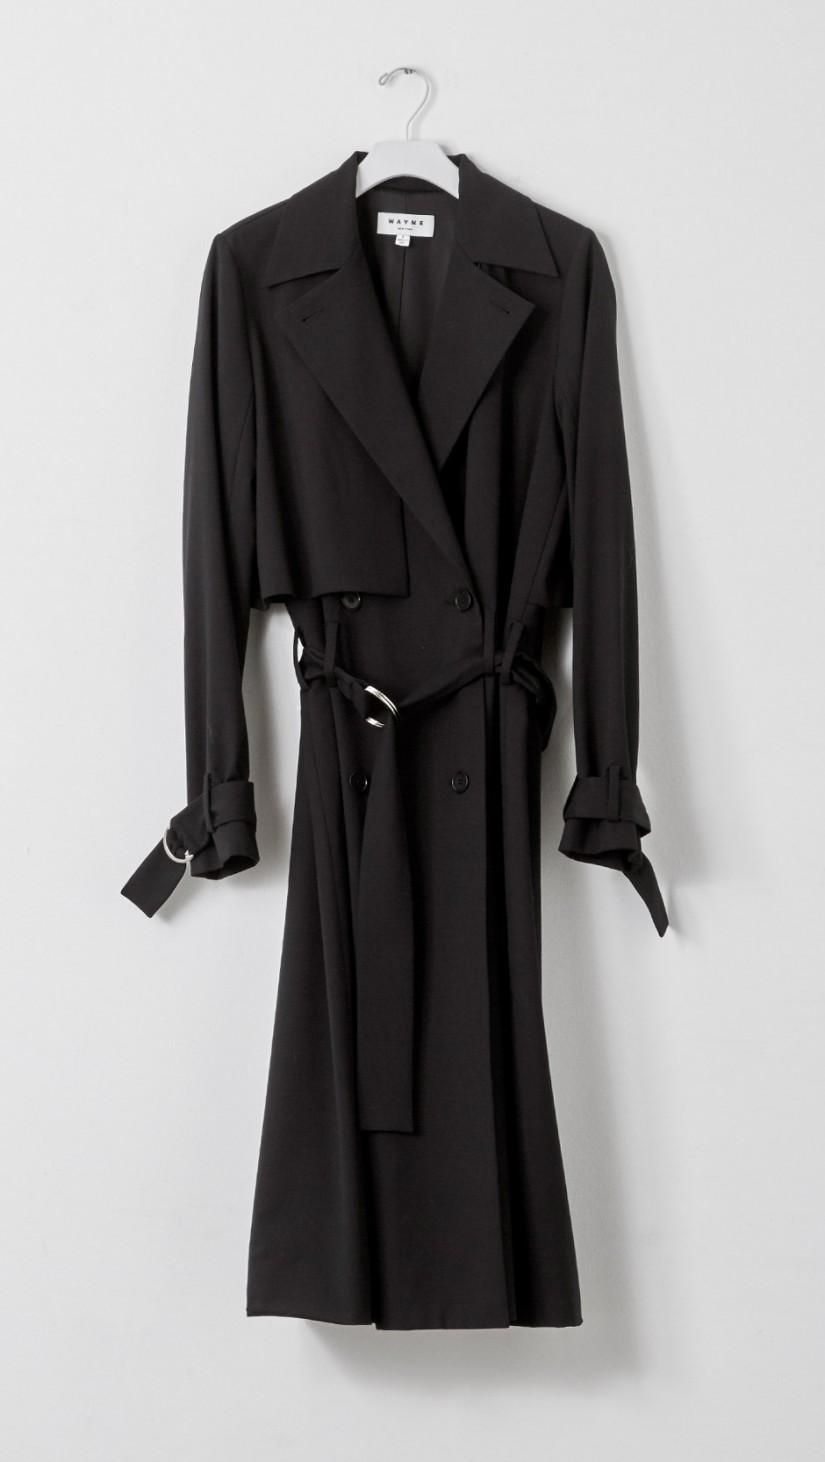 Wayne Wool Coat in Black   The Dreslyn